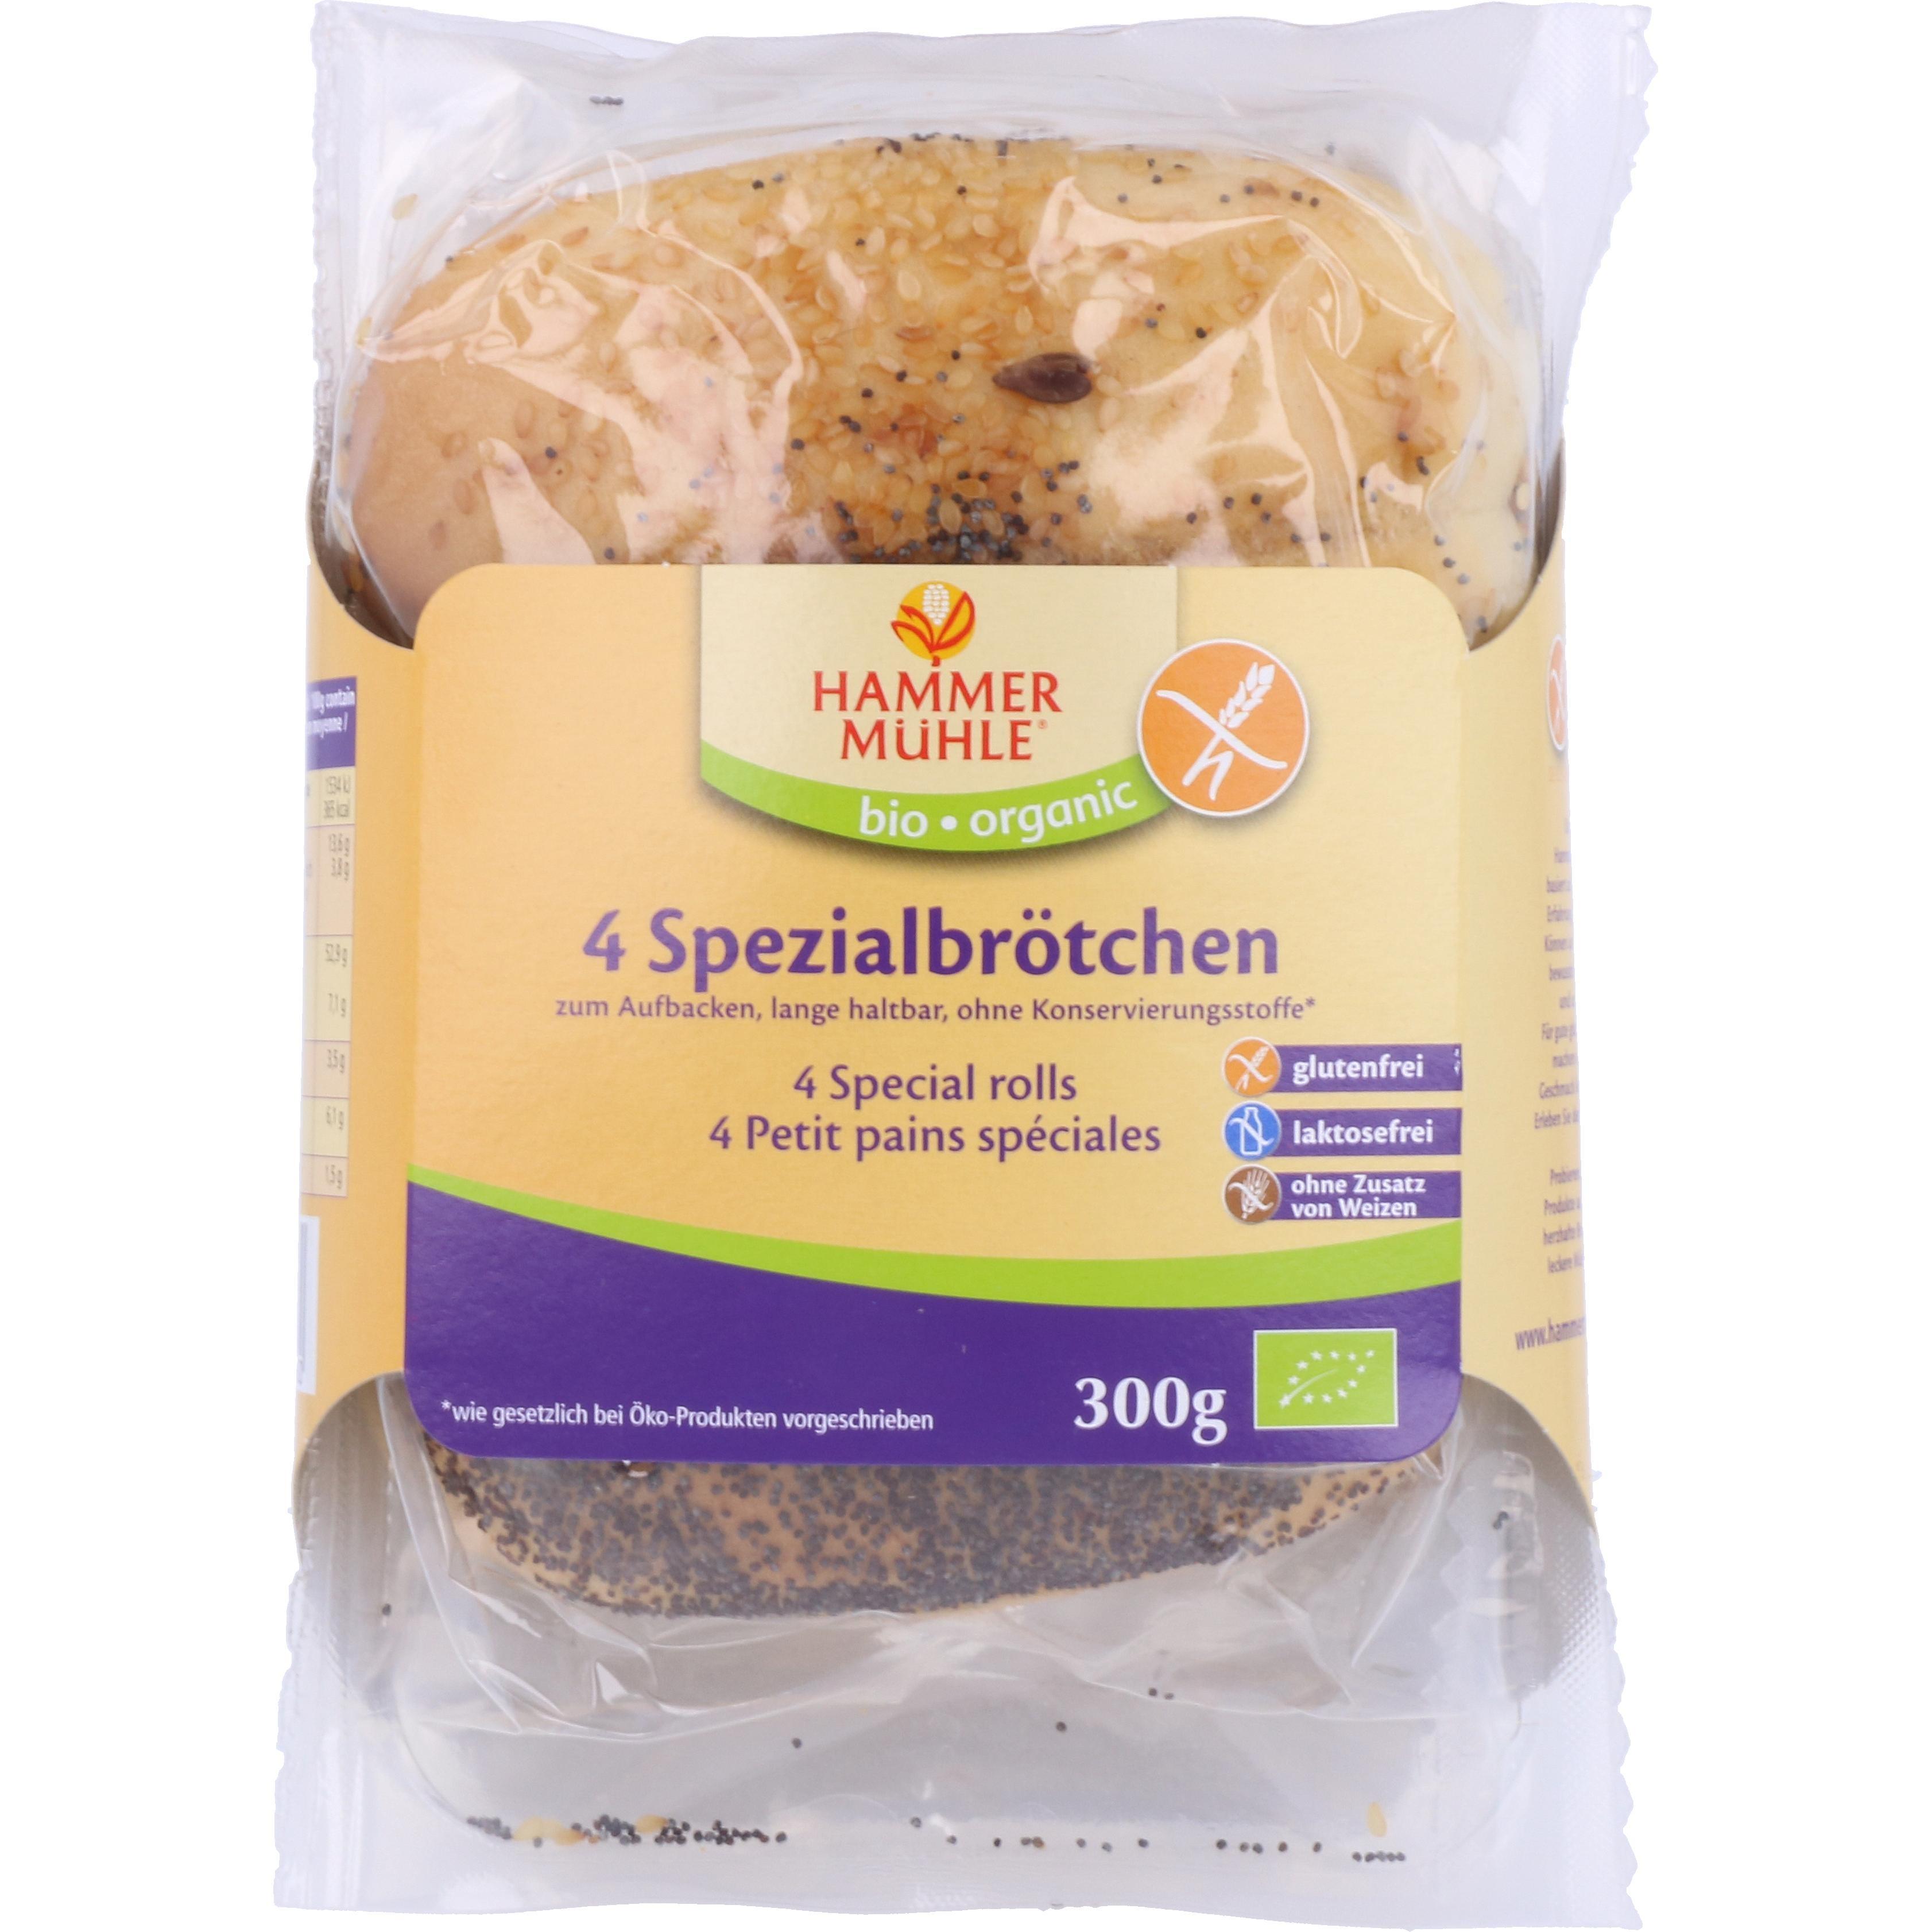 Hammermühle Organic Bio 4 Spezialbrötchen 300g